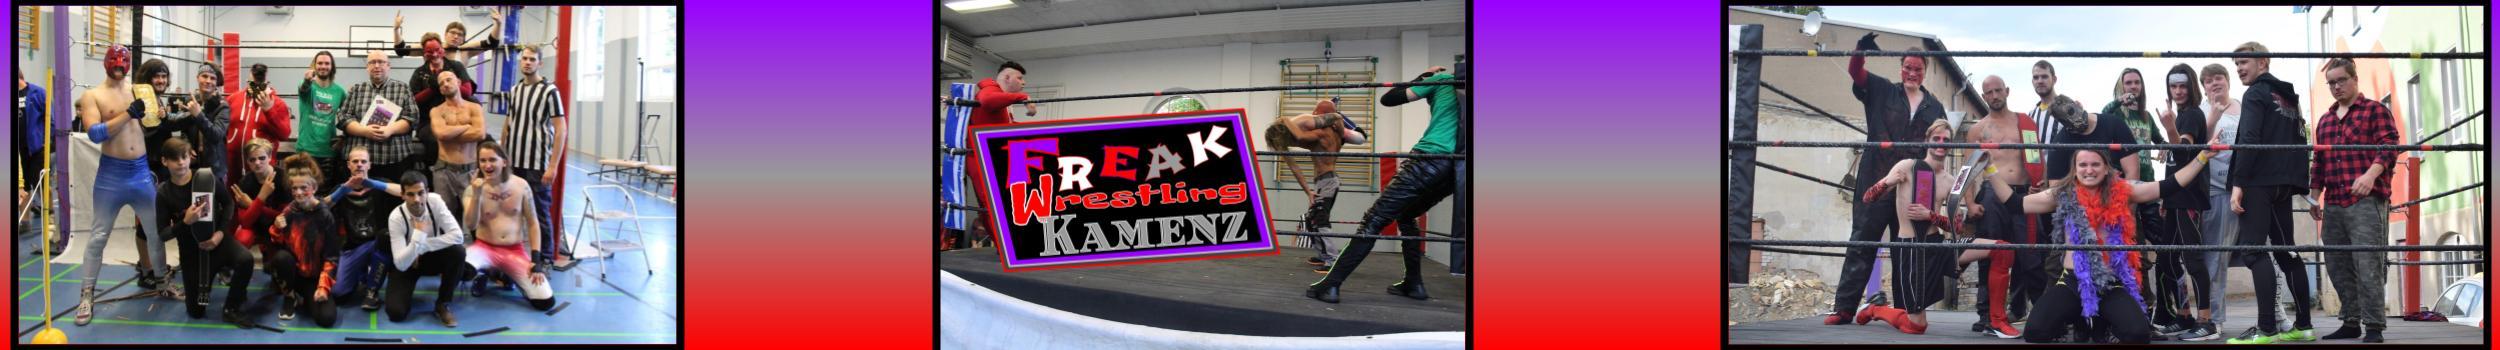 Freak Wrestling Kamenz - Shop